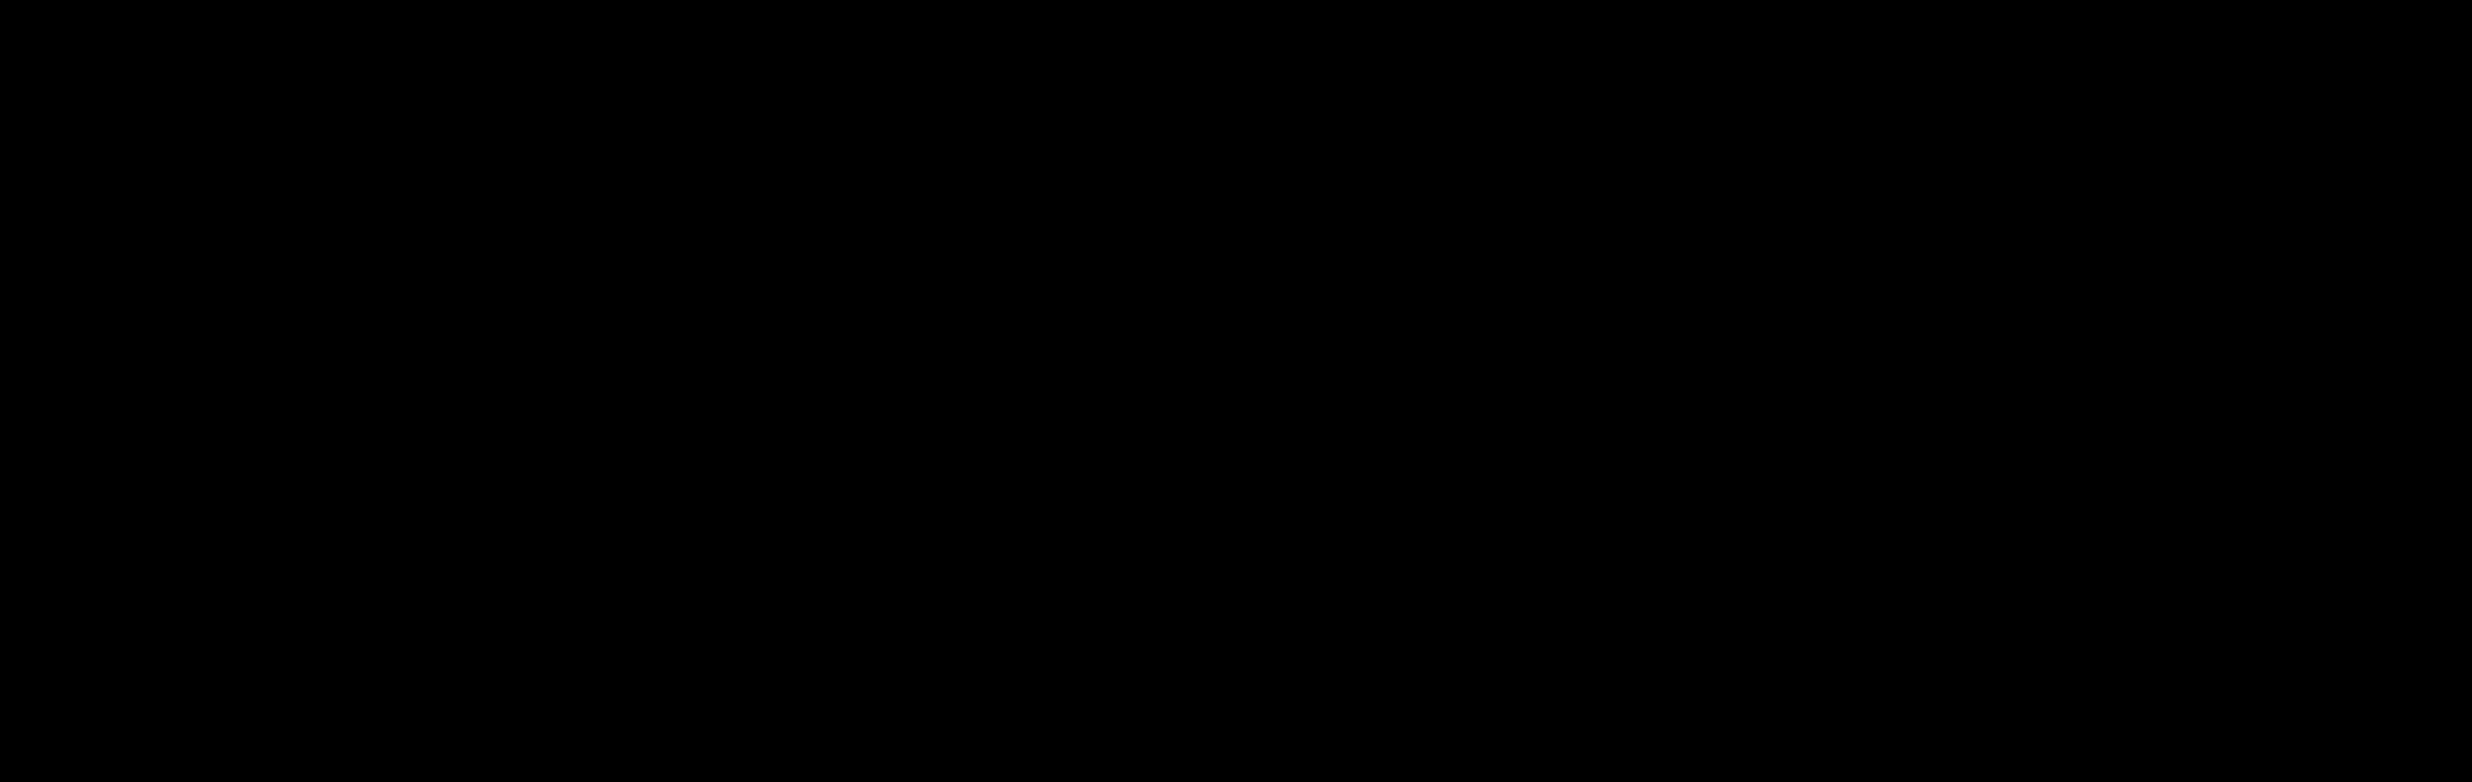 N-(4-Aminooxyacetamidobutyl)-biotinamide